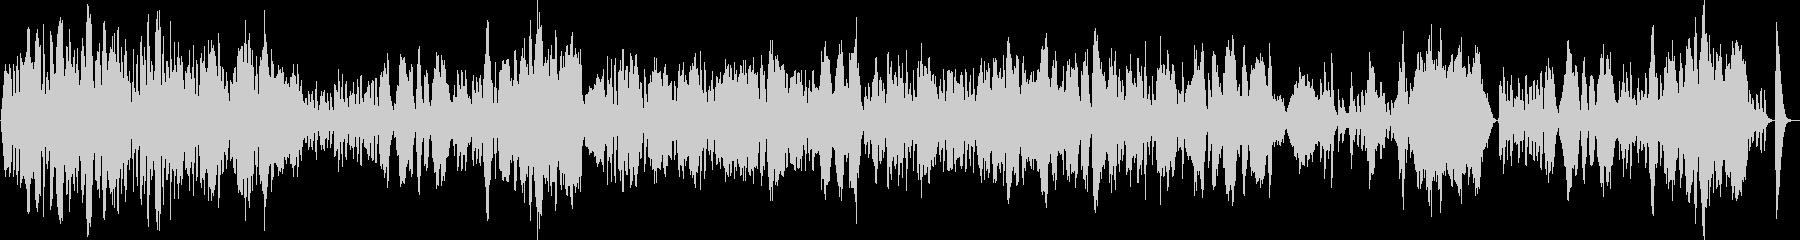 優雅な弦楽四重奏の未再生の波形